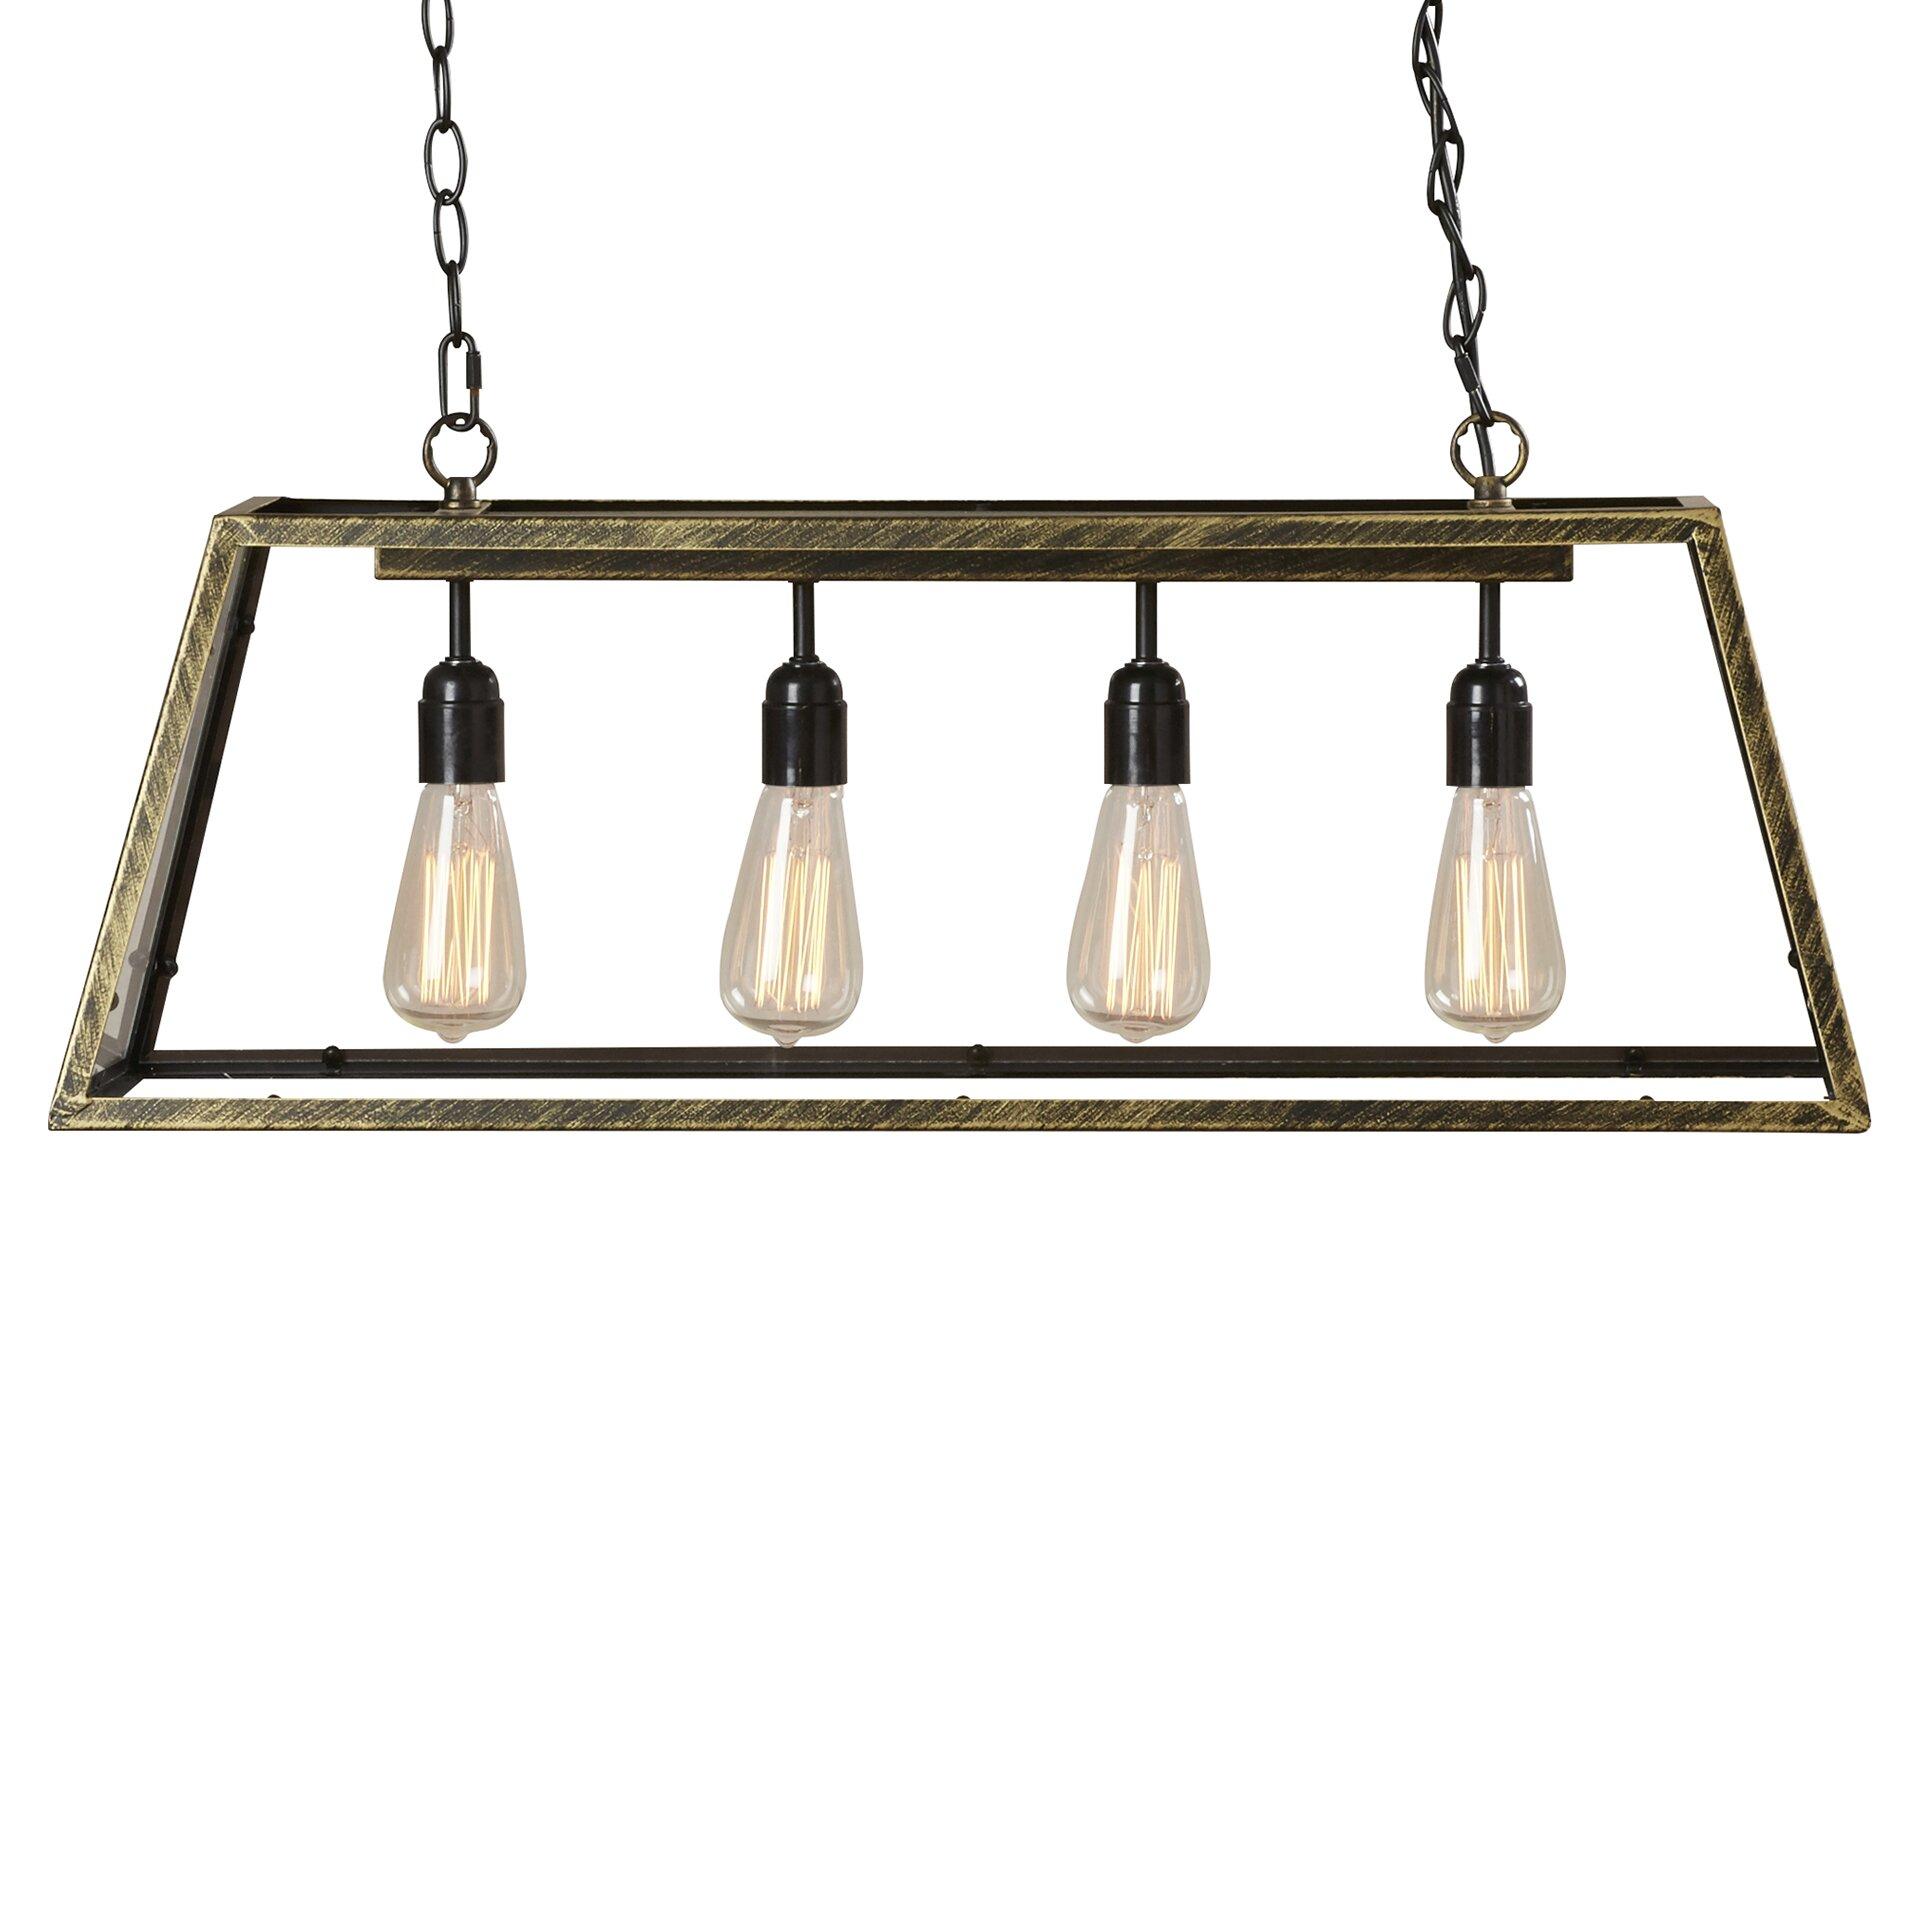 Kitchen Pendant Lighting: Trent Austin Design Suisun City 4 Light Kitchen Island